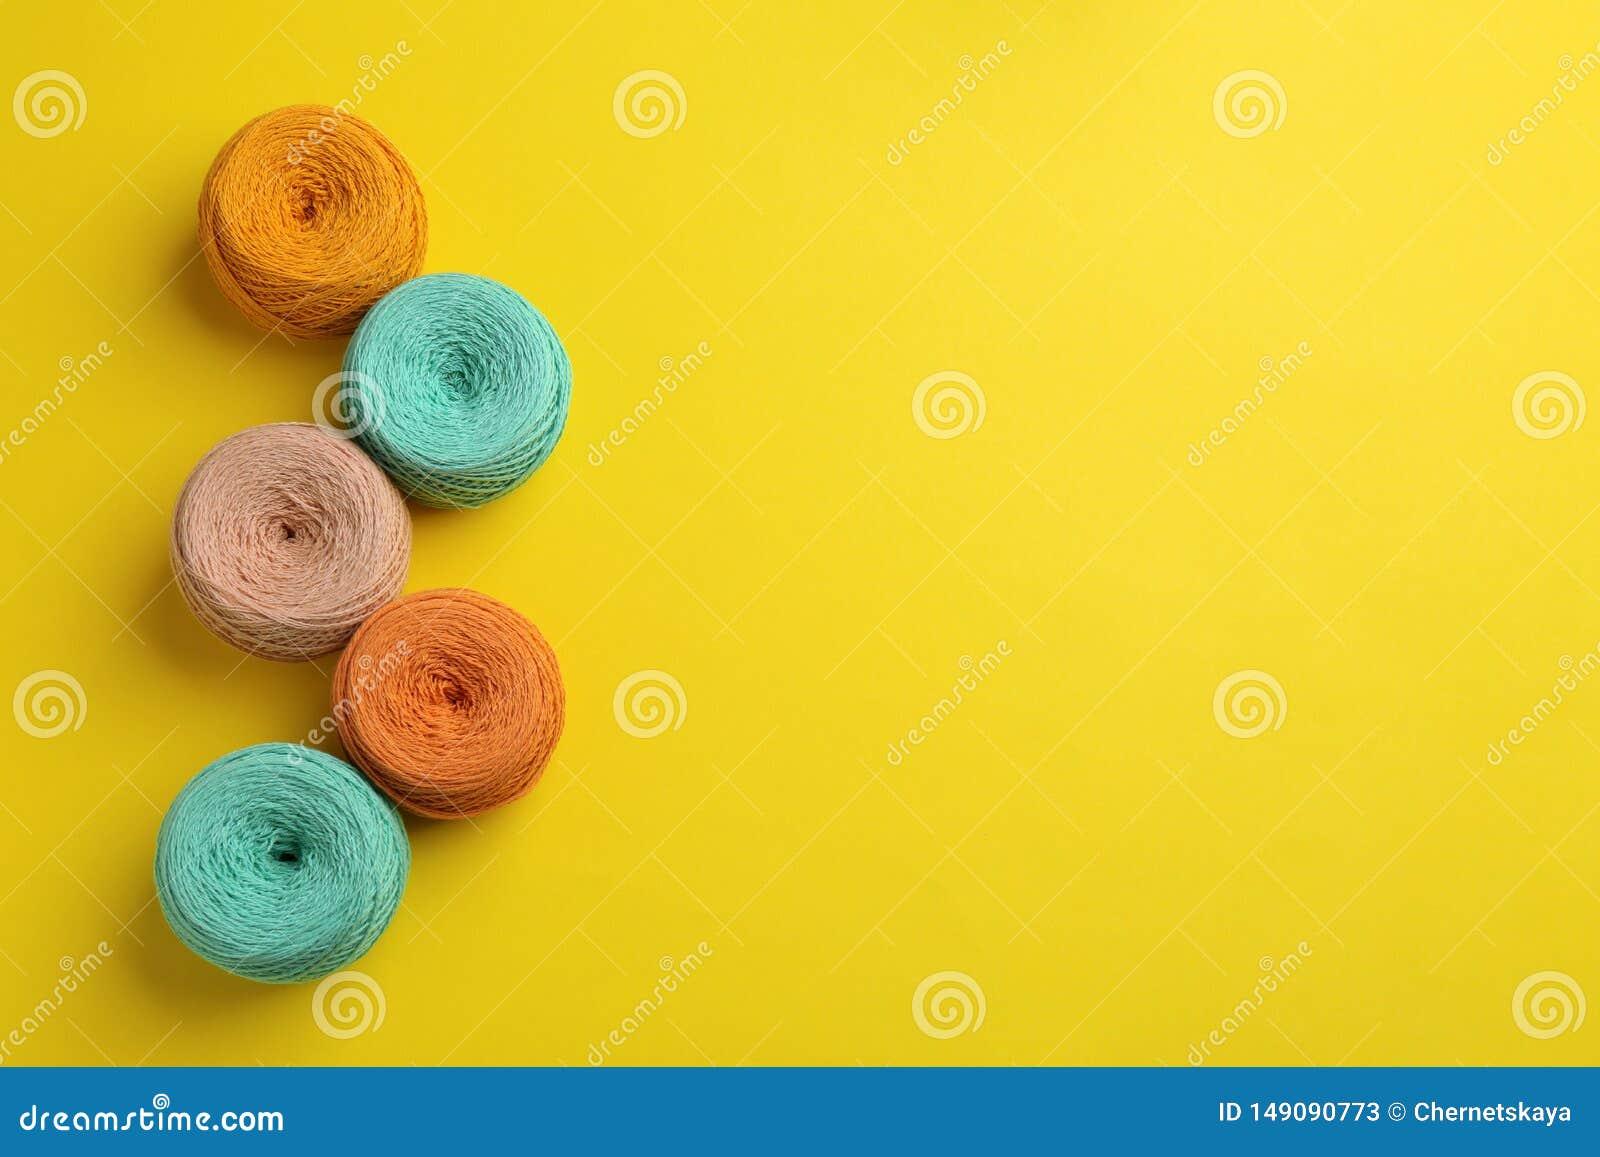 Schlaufen von strickenden Faden auf Farbhintergrund, legen flach mit Raum f?r Text